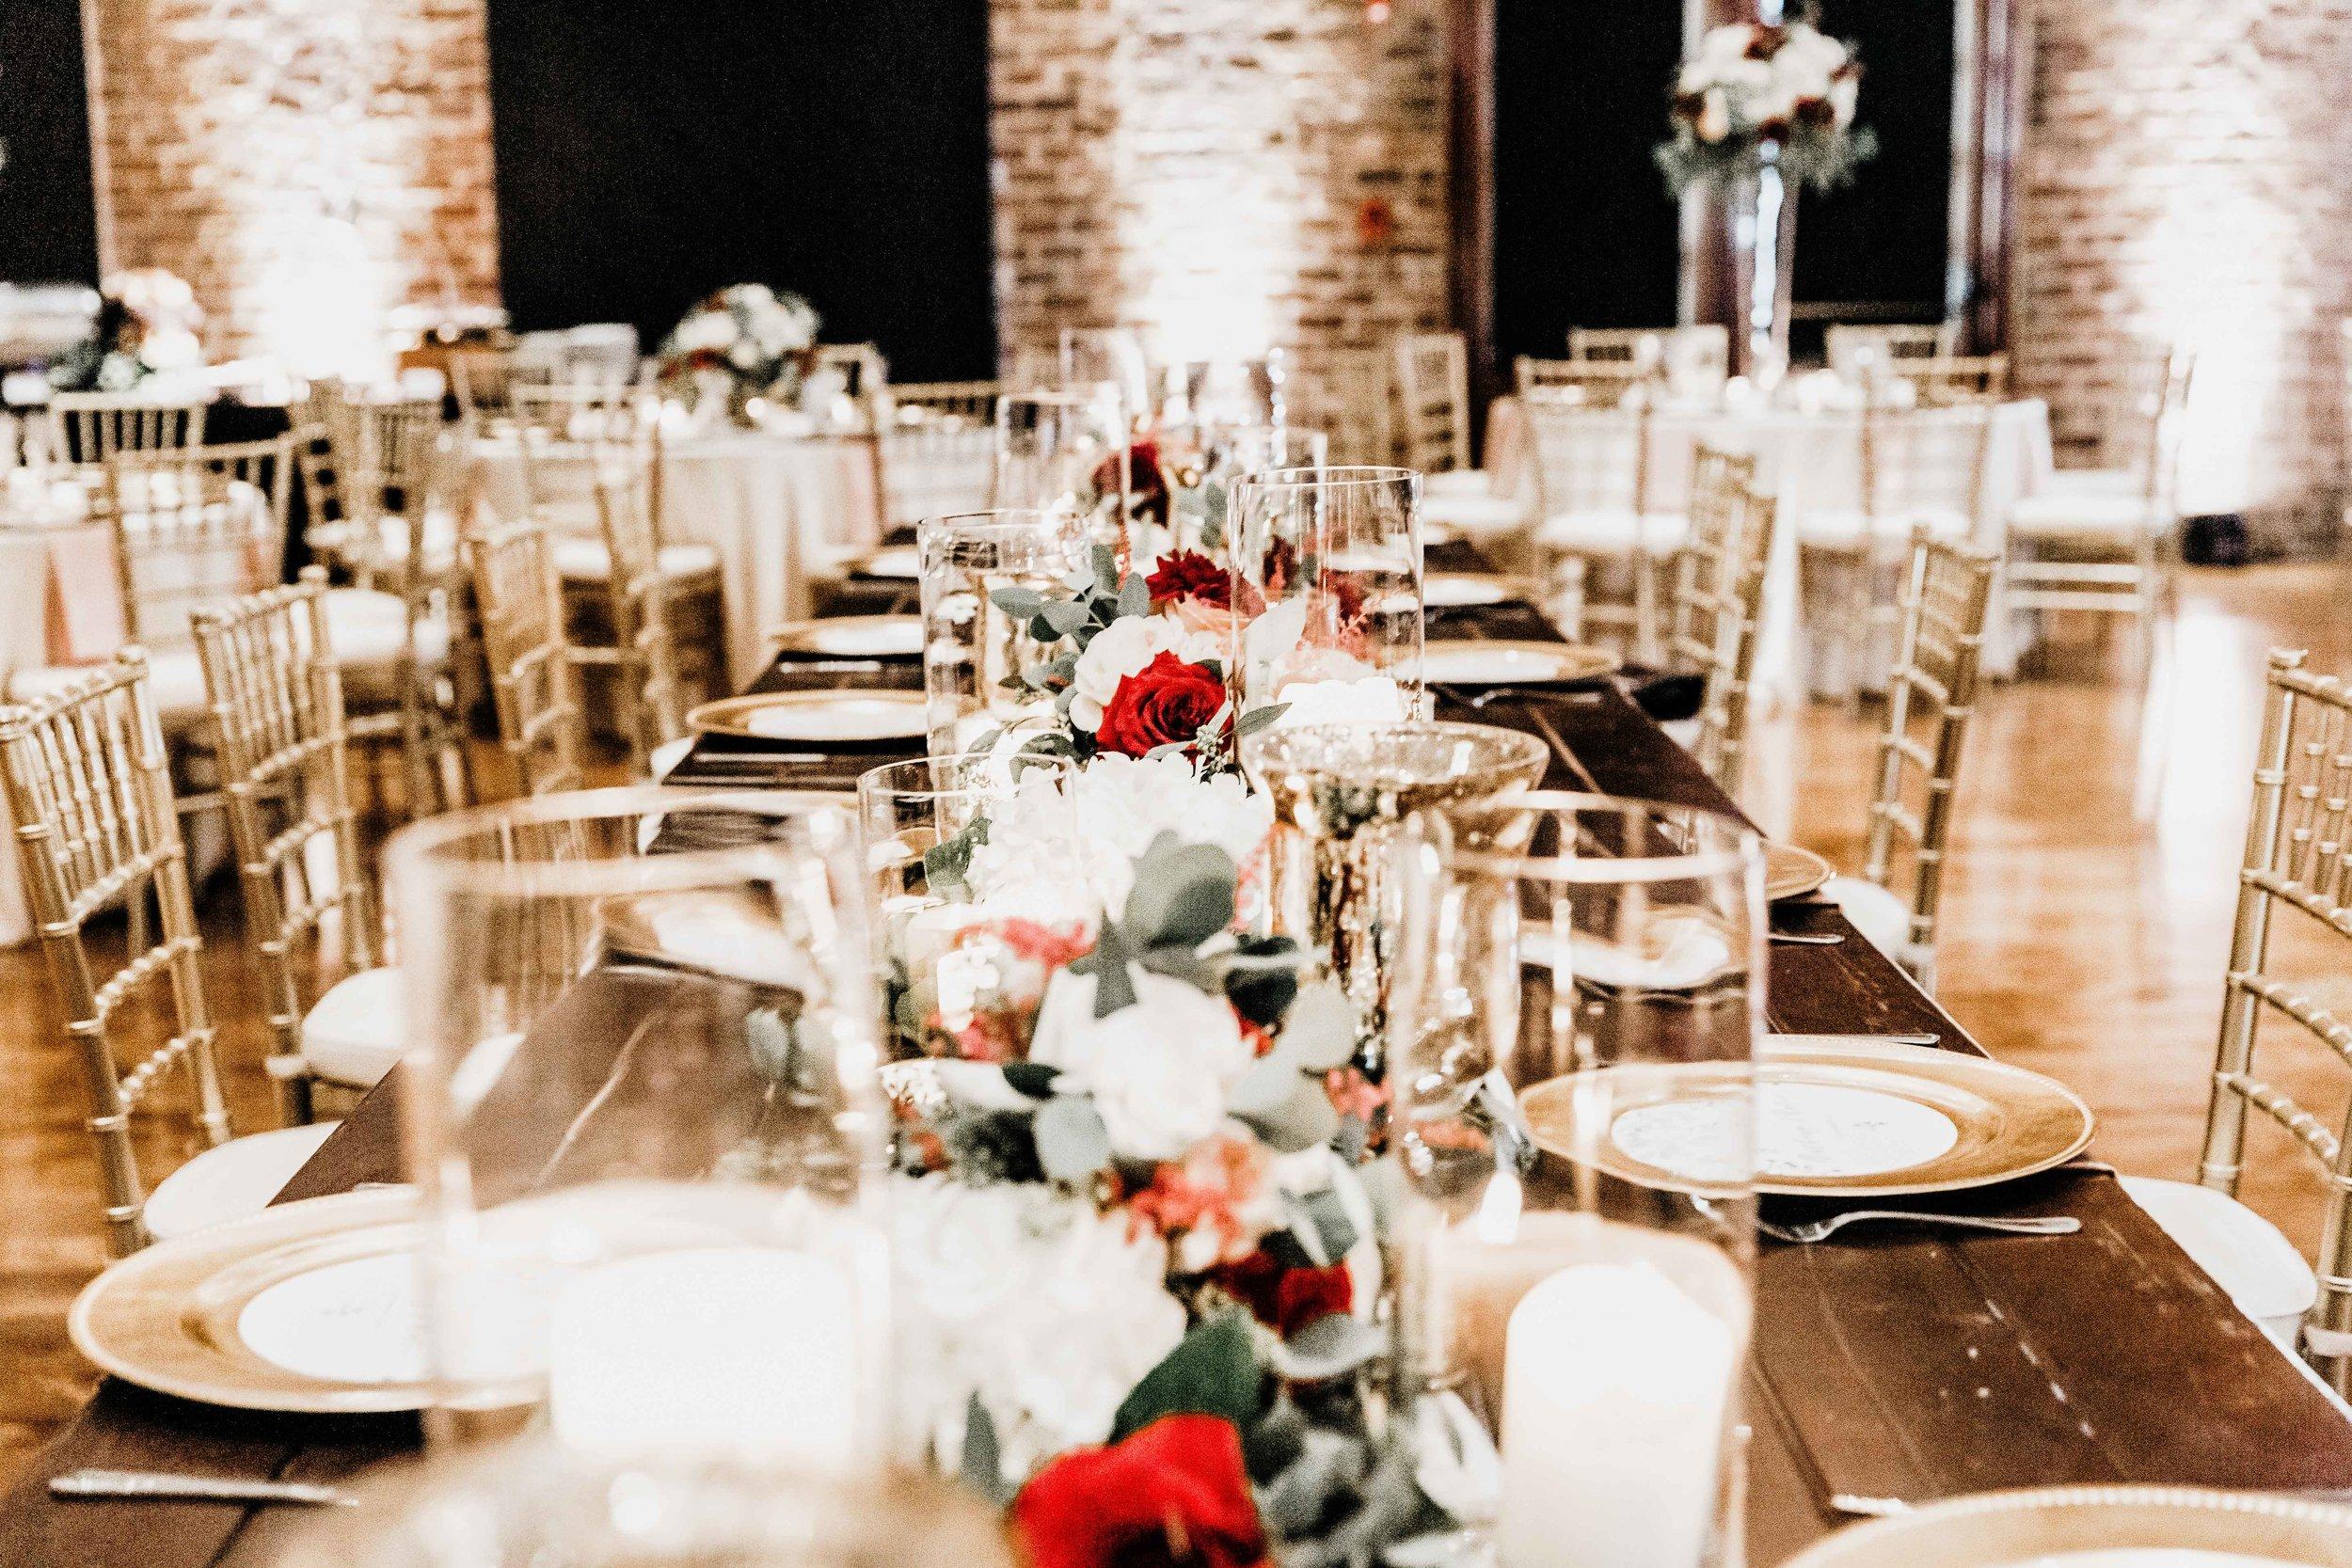 20181109Georgia-Savannah-savannah wedding photography29.jpg